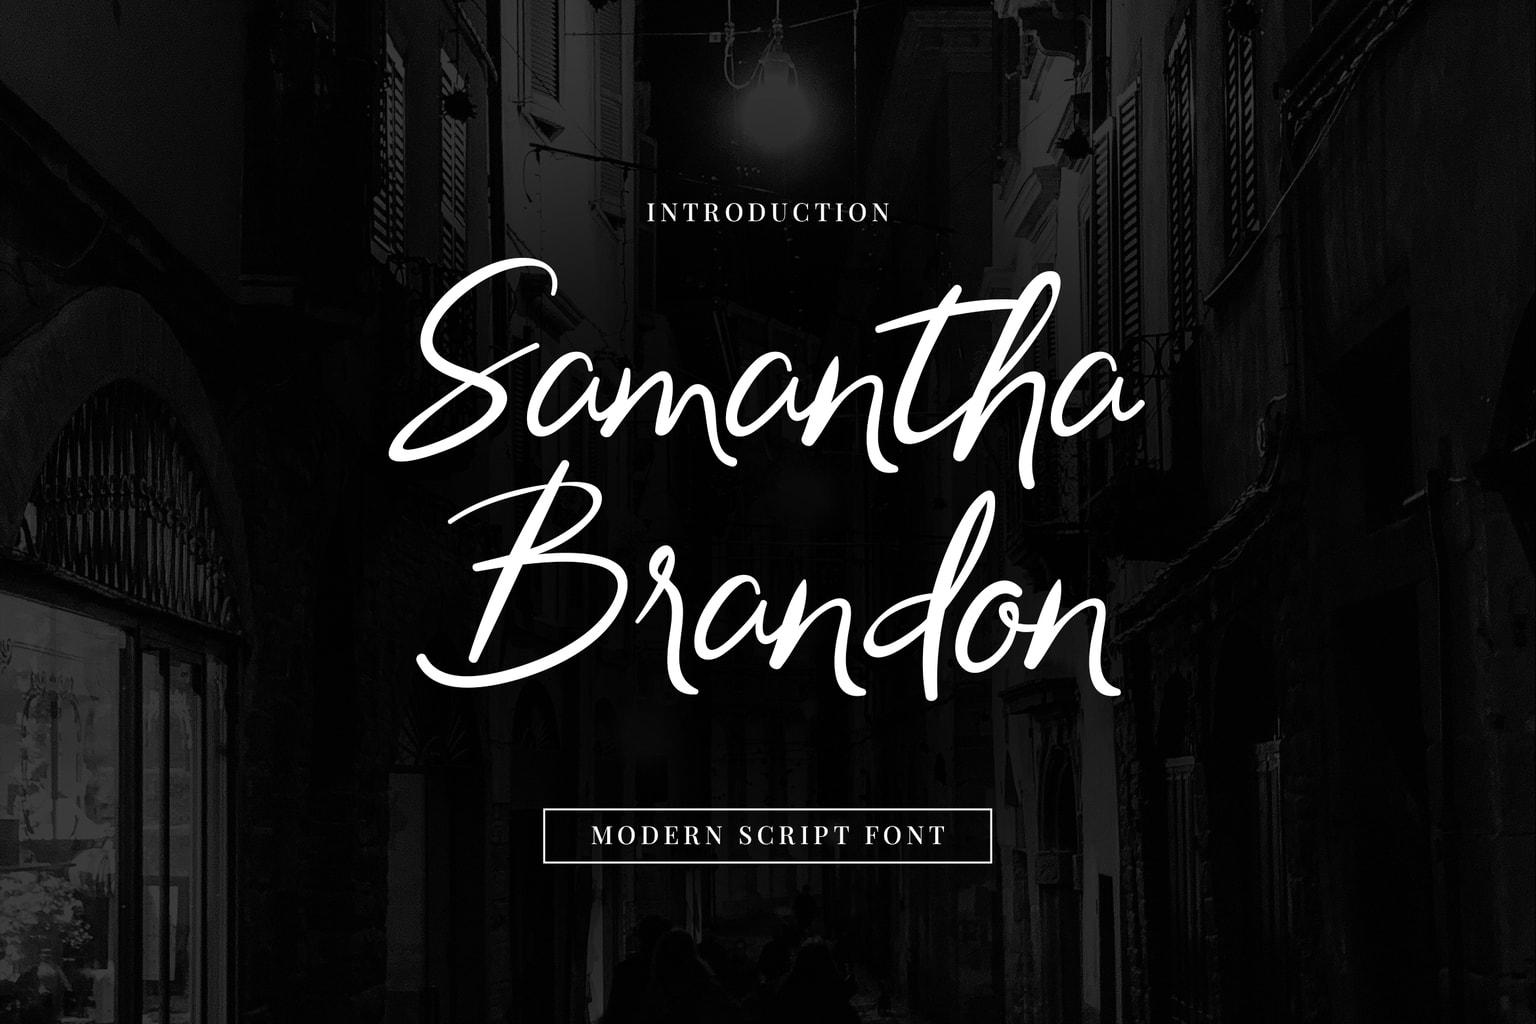 Samantha Brandon Handwritten Font